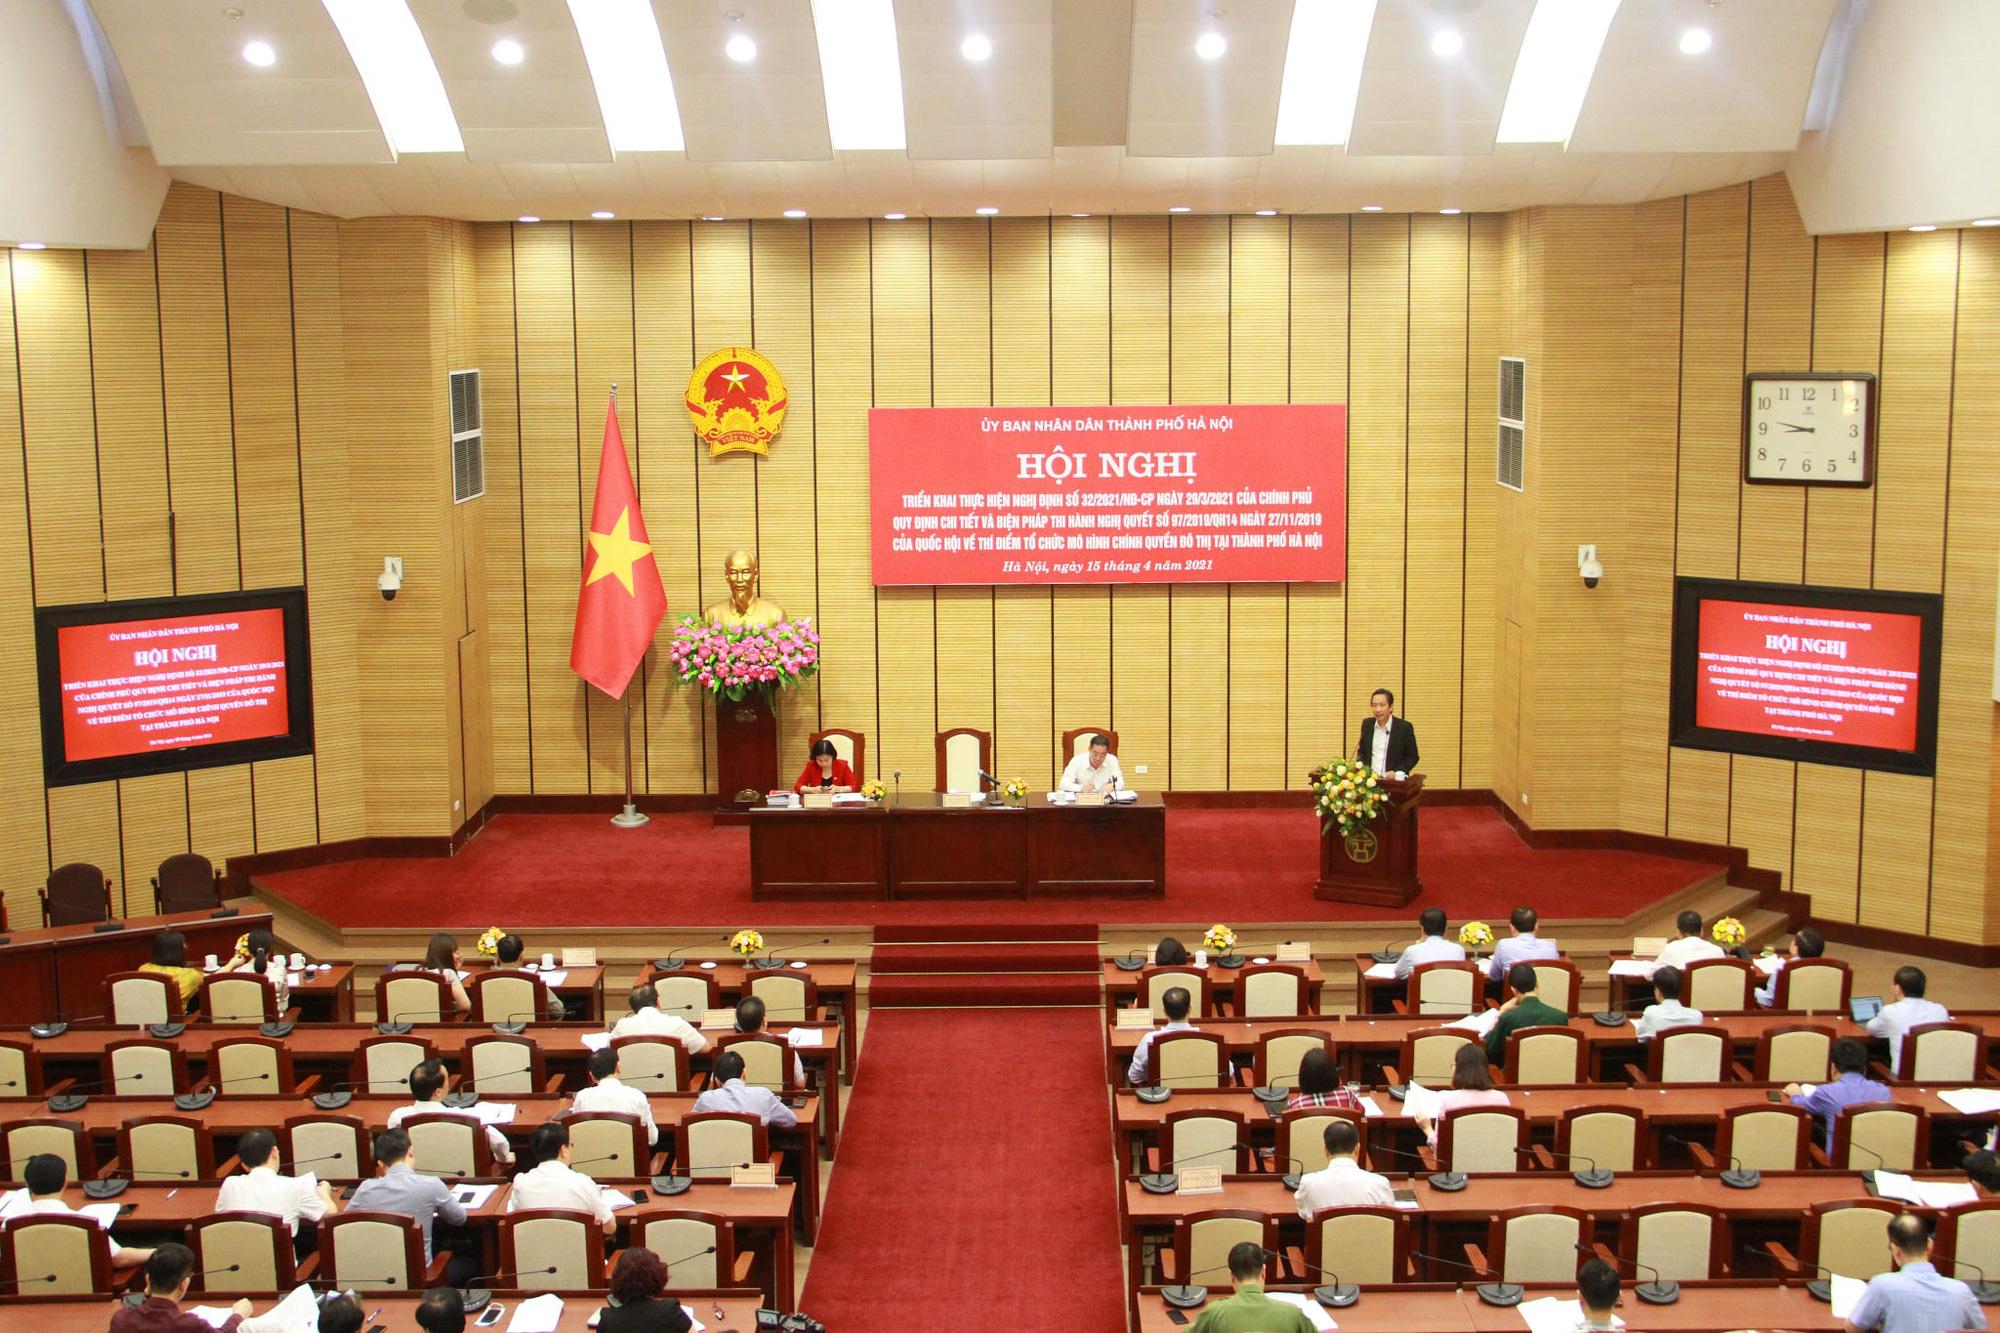 Thứ trưởng Bộ Nội vụ nói về việc Hà Nội tổ chức chính quyền đô thị khác với Đà Nẵng và TP.HCM - Ảnh 1.